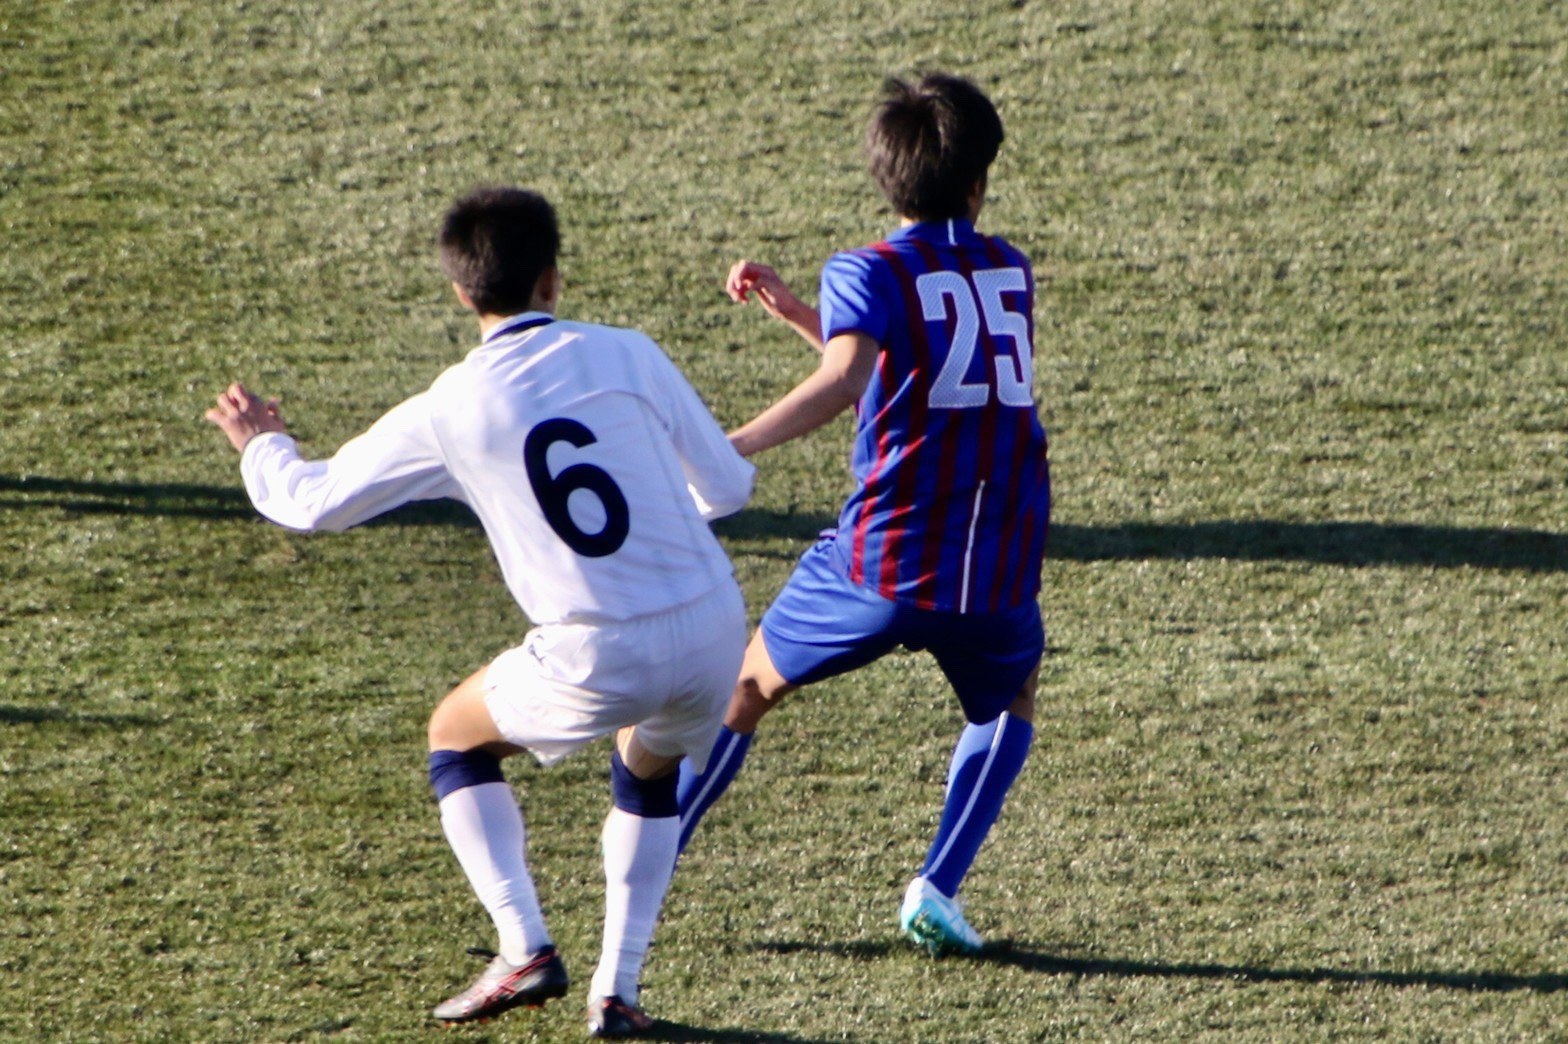 Chỉ bằng 1 lời nói chân thành, Cristiano Ronaldo đã thay đổi số phận của cậu bé Nhật Bản từng bị đám đông chế giễu: Đẳng cấp thực thụ của một ngôi sao lớn! - Ảnh 4.